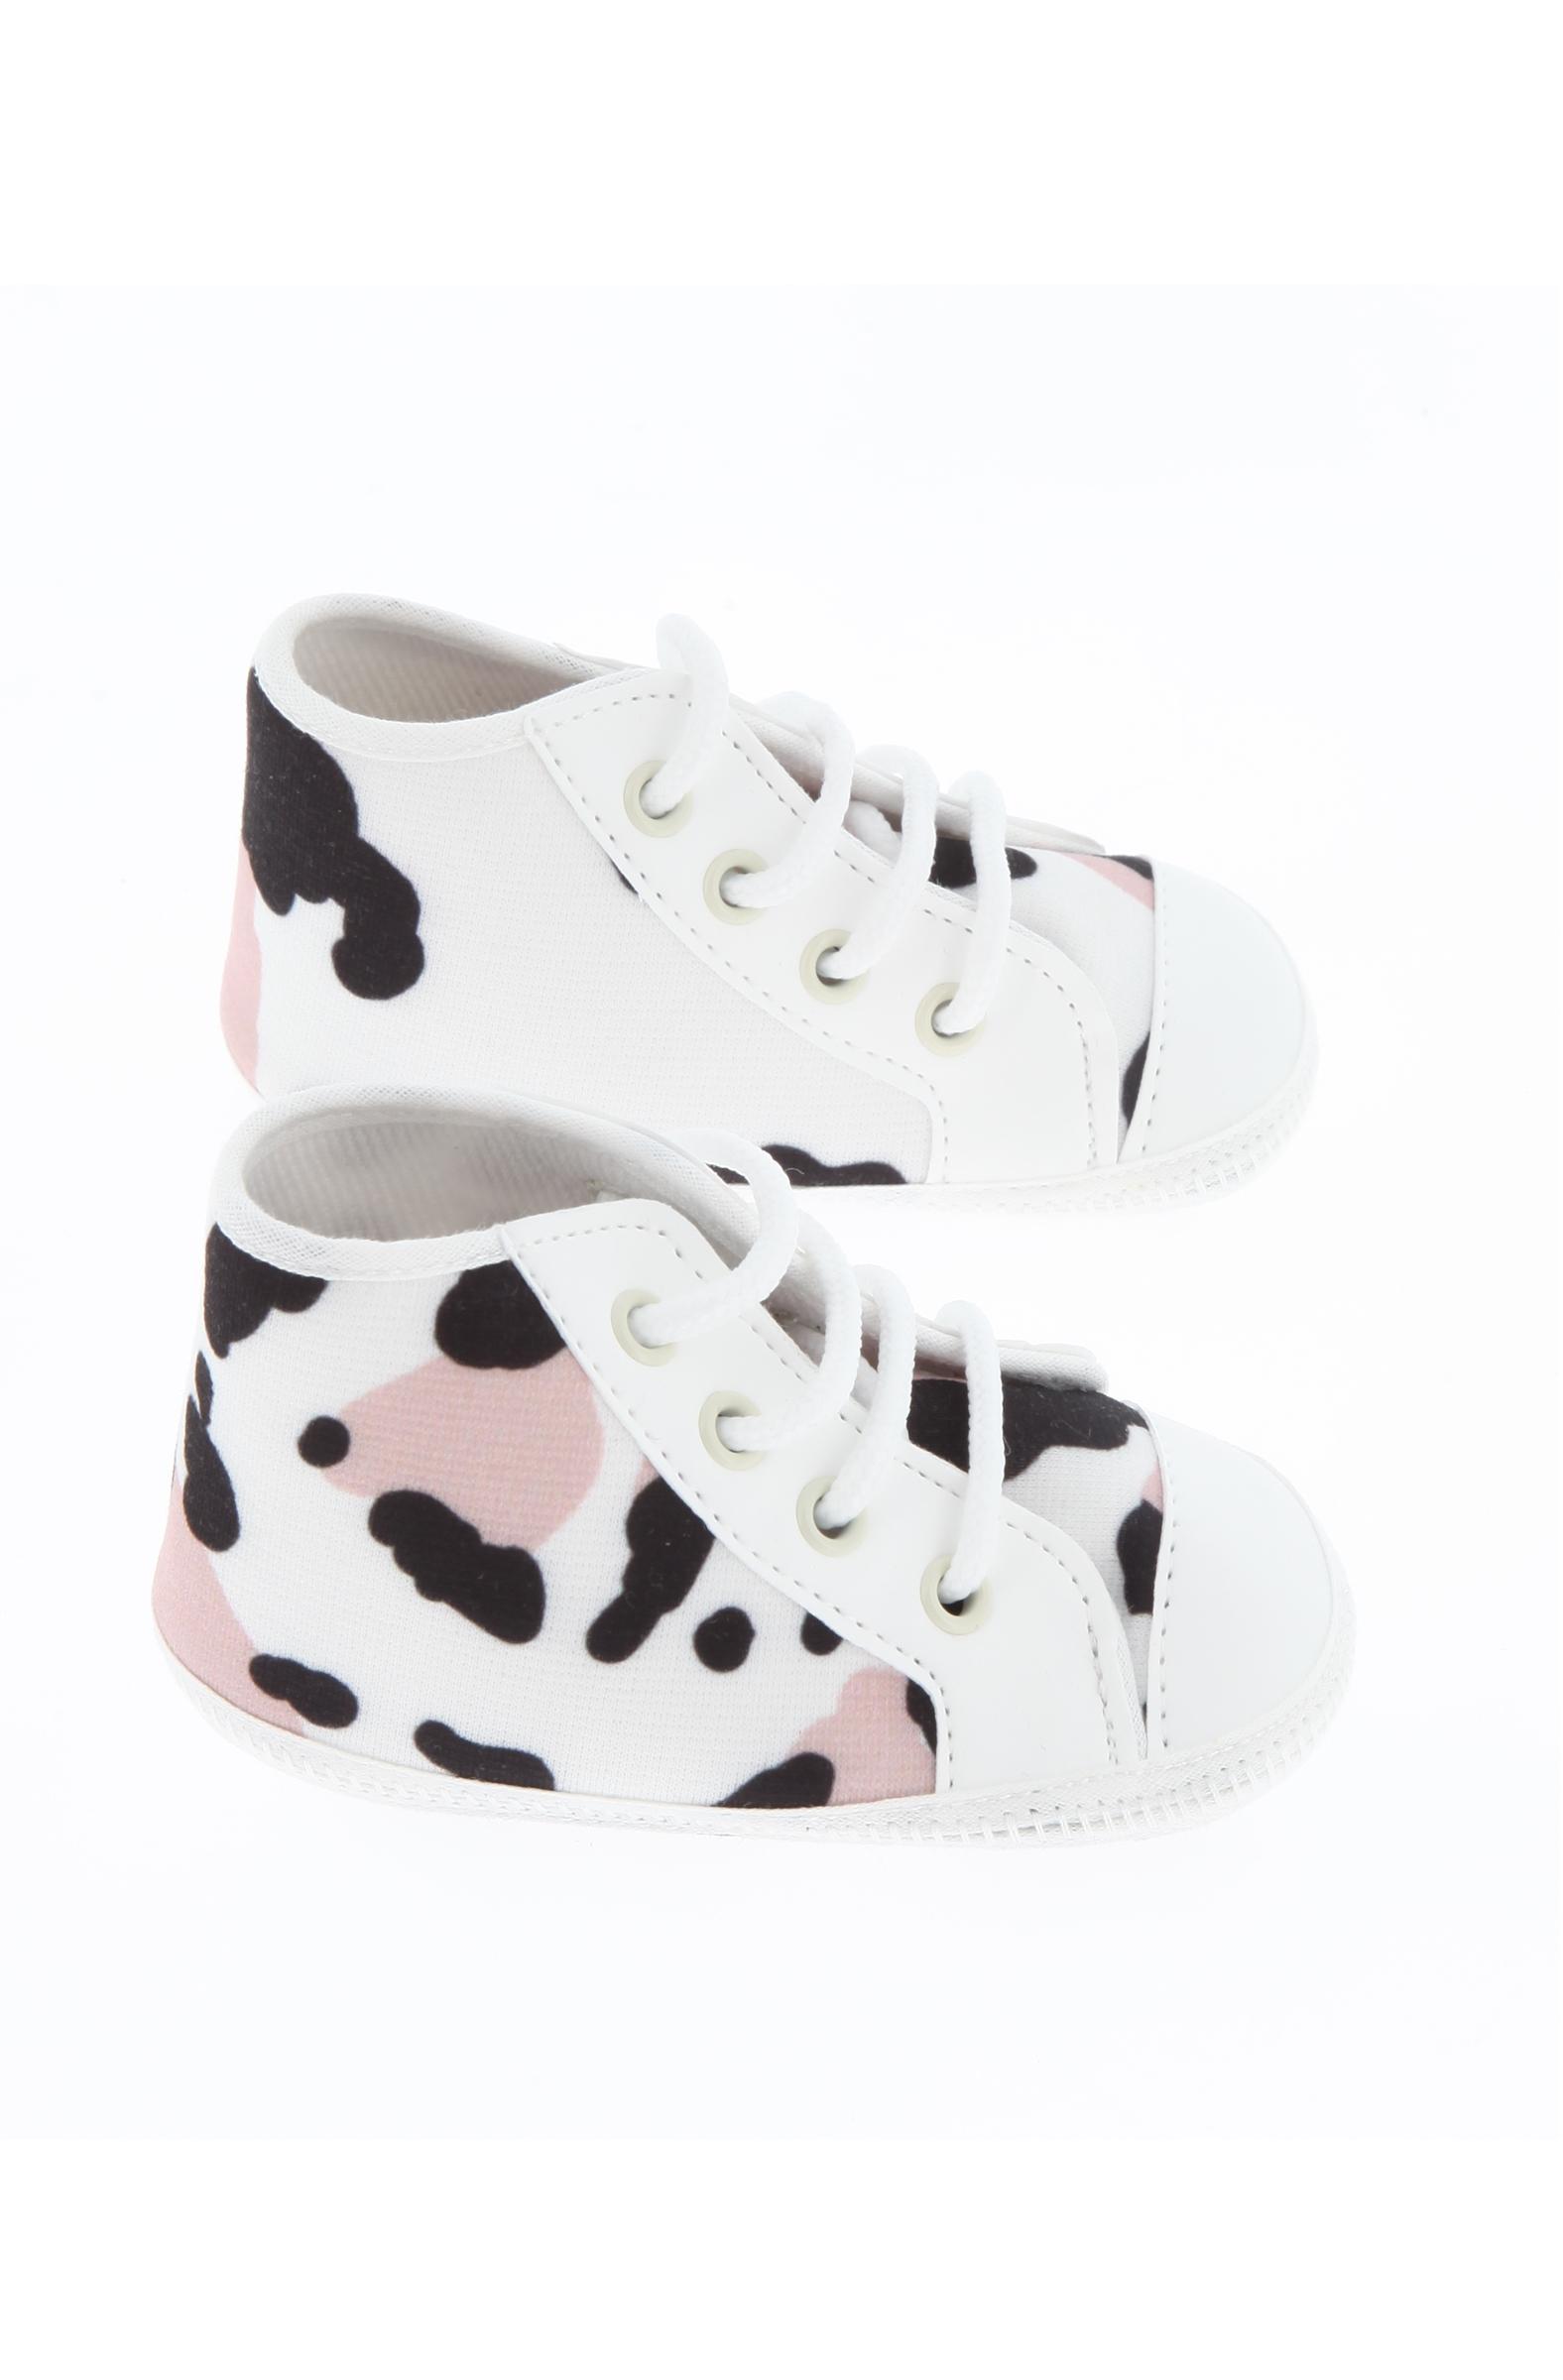 scarpe barcellino Barcellino | Scarpe da culla | 6809SV